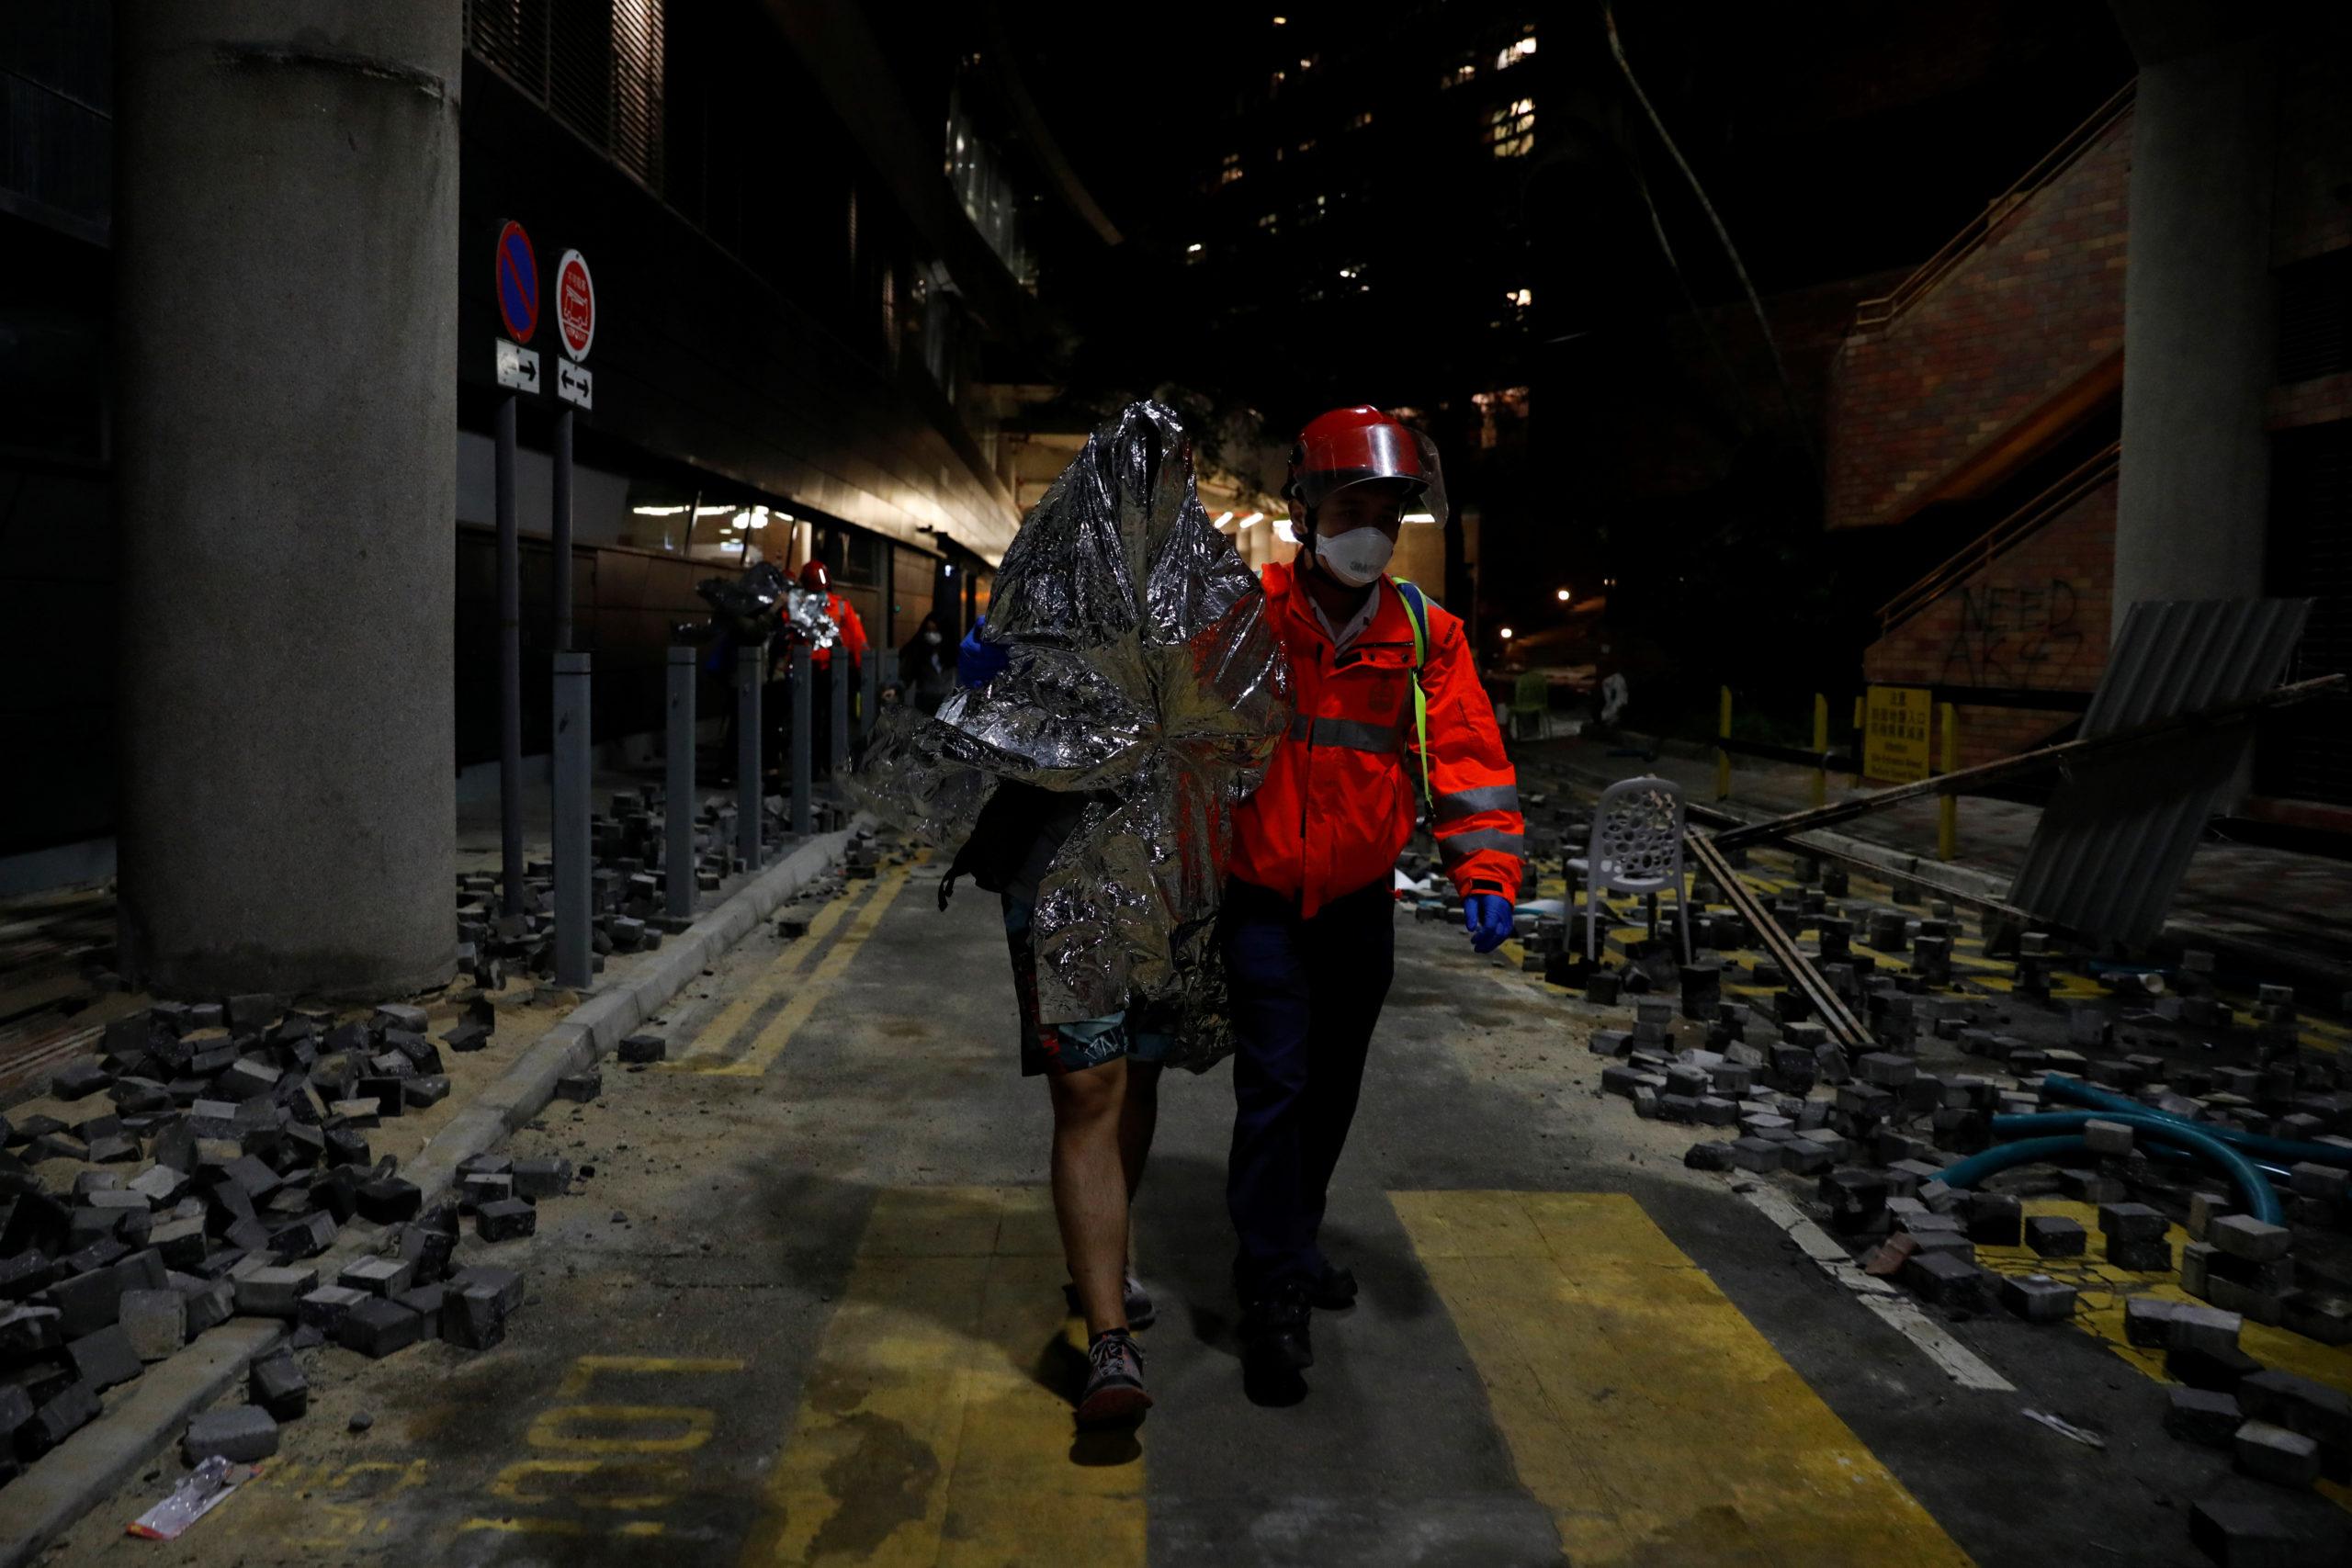 Le Congrès américain a adopté mercredi deux textes visant à soutenir les manifestants à Hong Kong et envoyer un avertissement à la Chine sur la question des droits humains, une démarche qui pourrait compliquer les relations entre Washington et Pékin engagés dans des négociations commerciales délicates. /Photo prise le 20 novembre 2019/REUTERS/Adnan Abidi